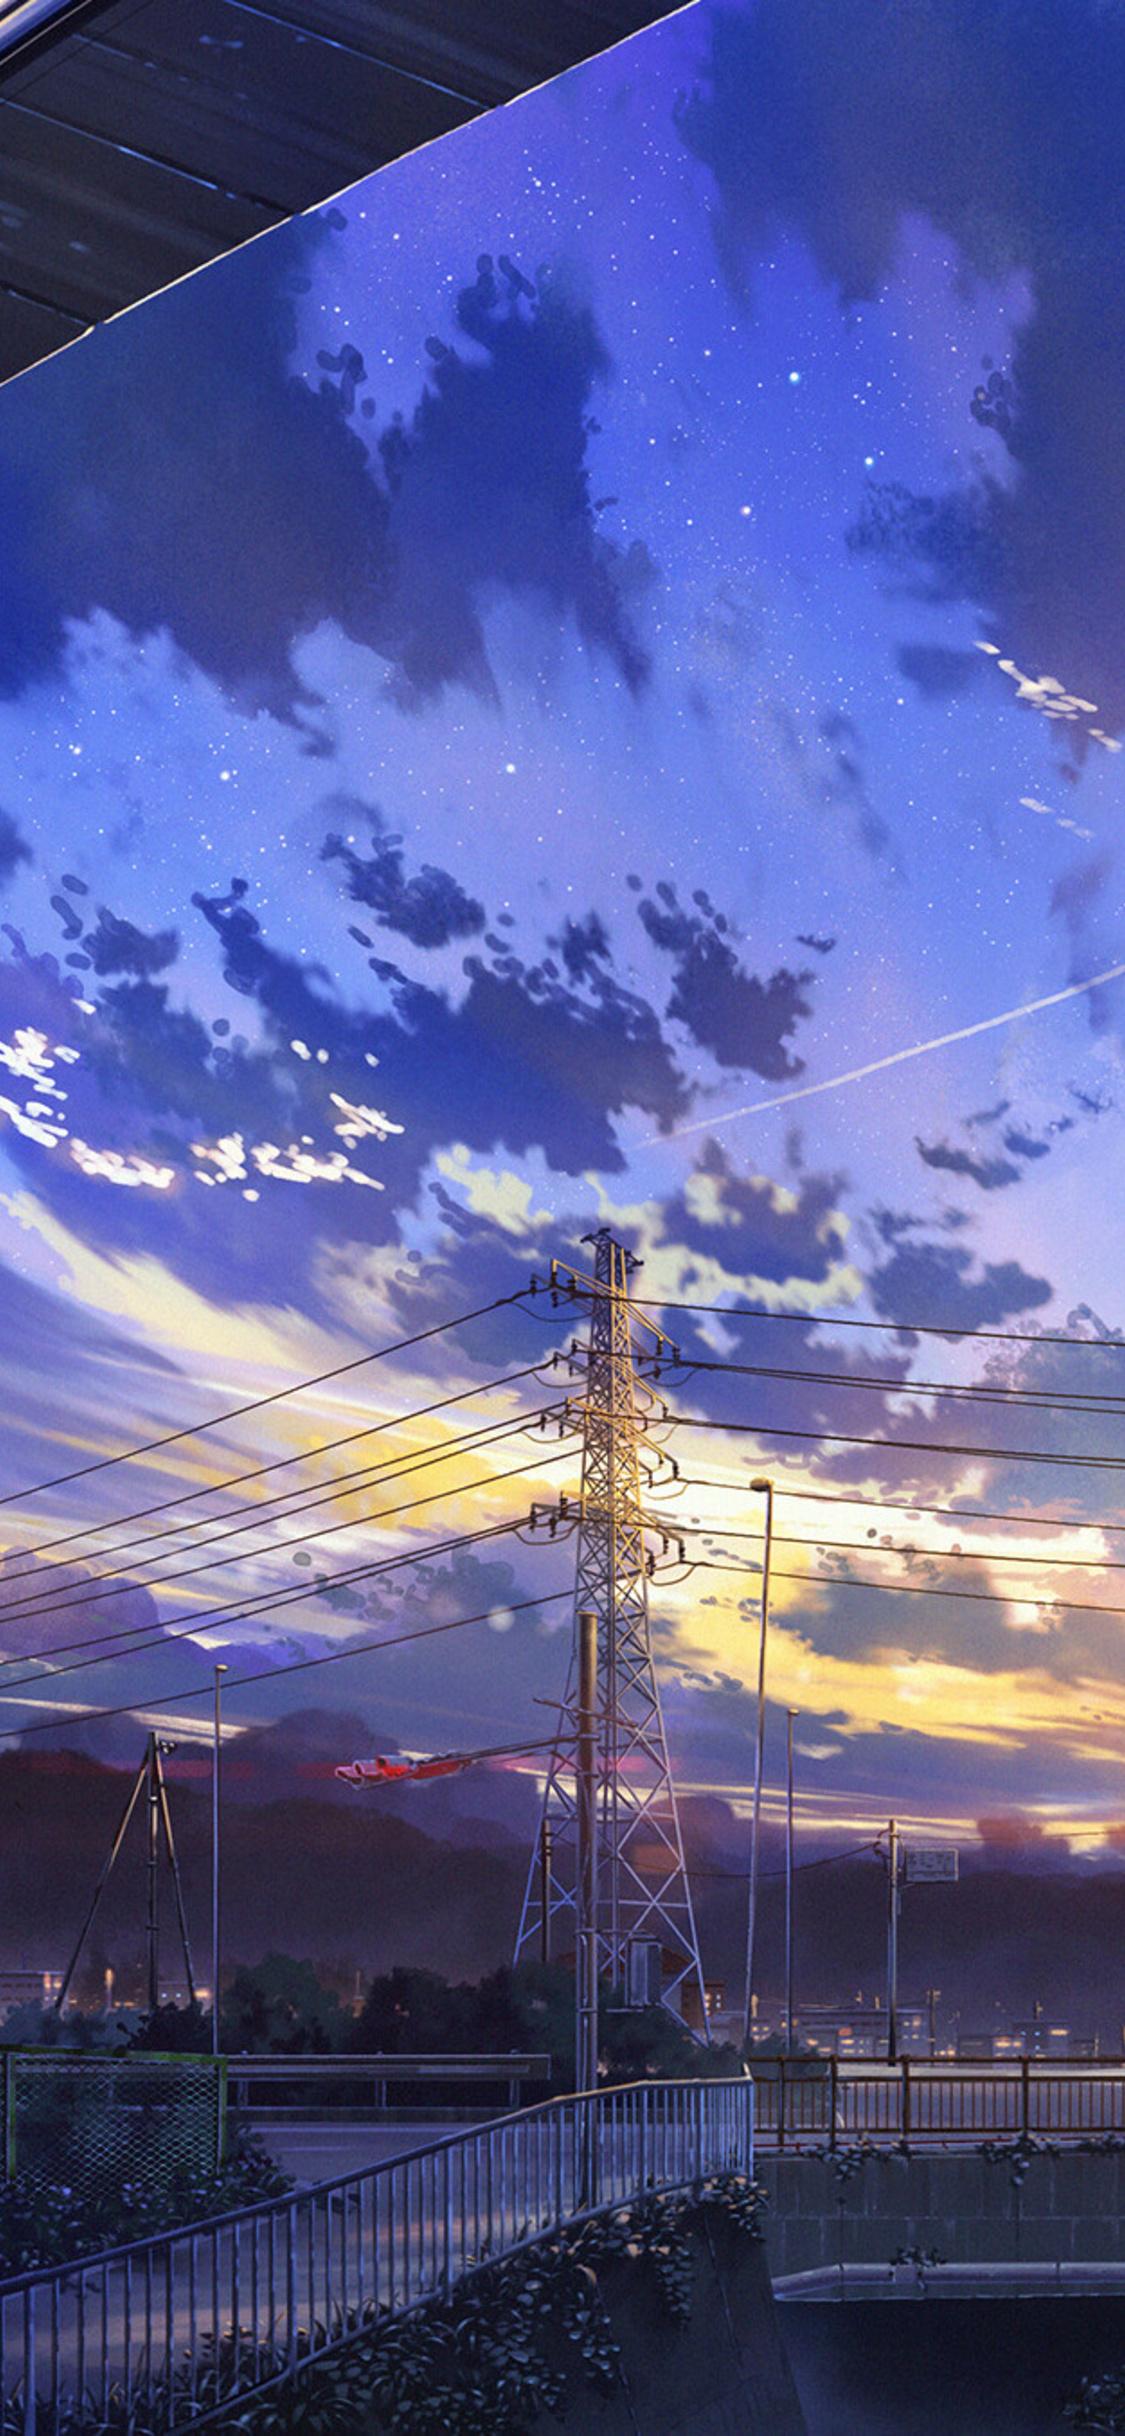 1125x2436 Japan City Digital Art Iphone Xsiphone 10iphone